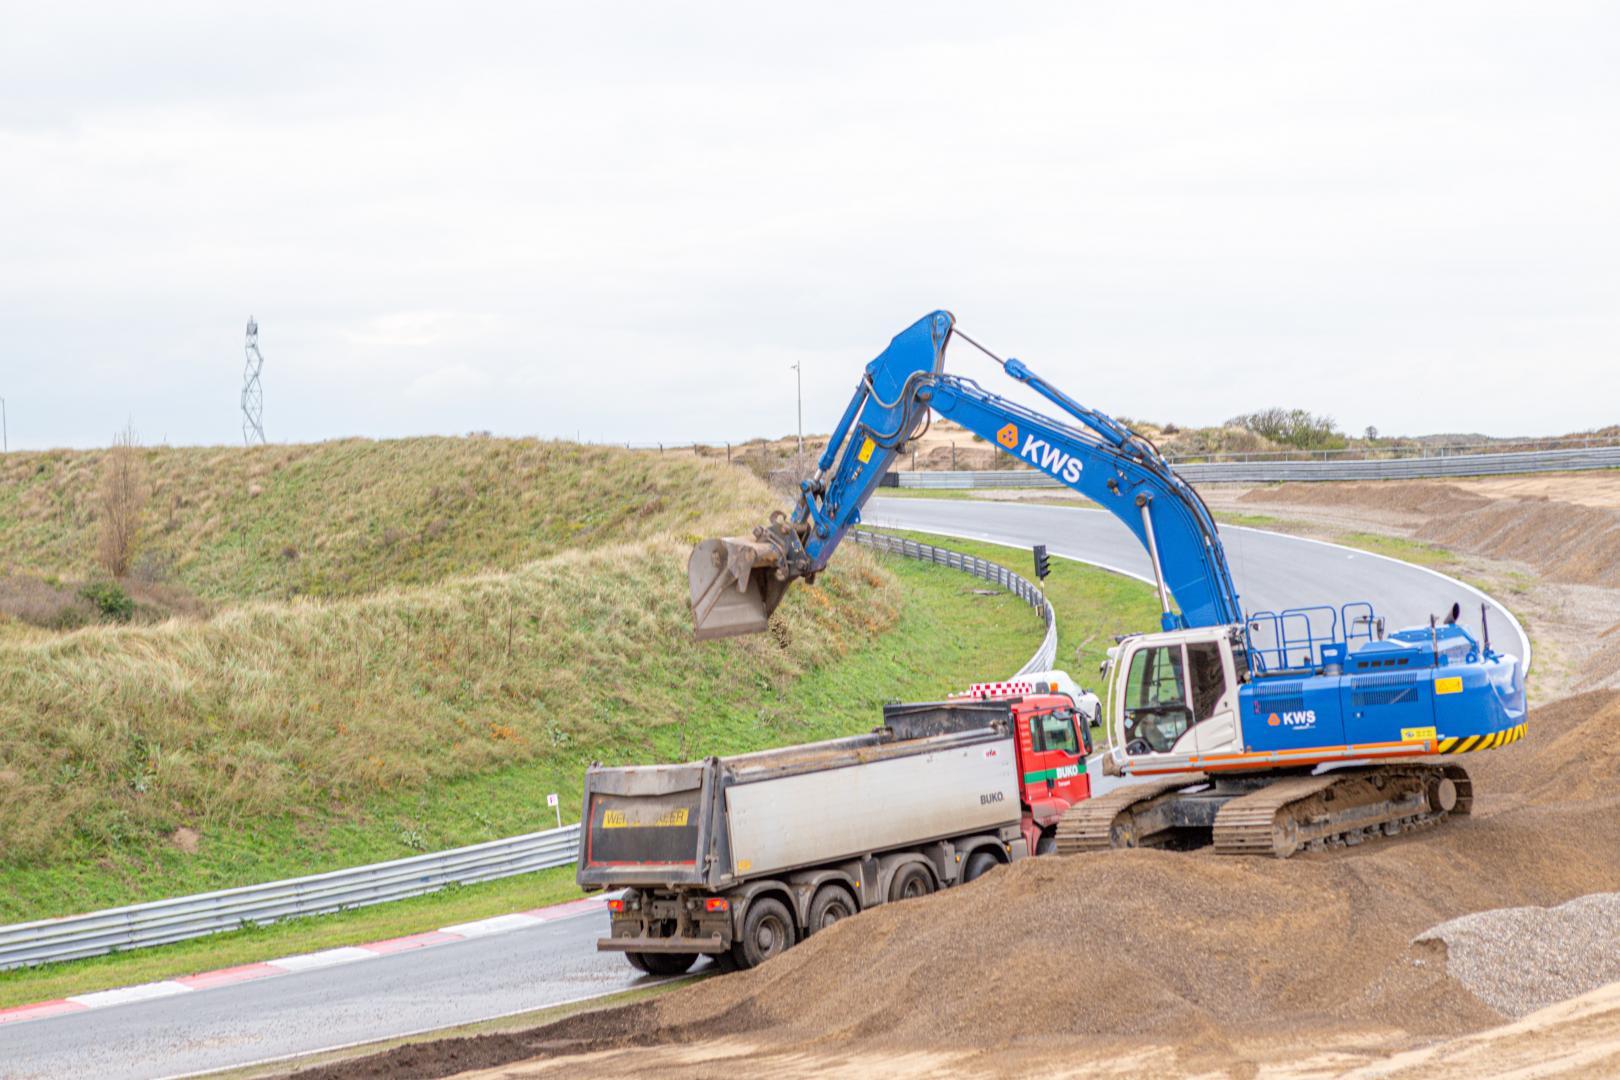 Verbouwing Circuit Zandvoort 2020 F1 werkzaamheden